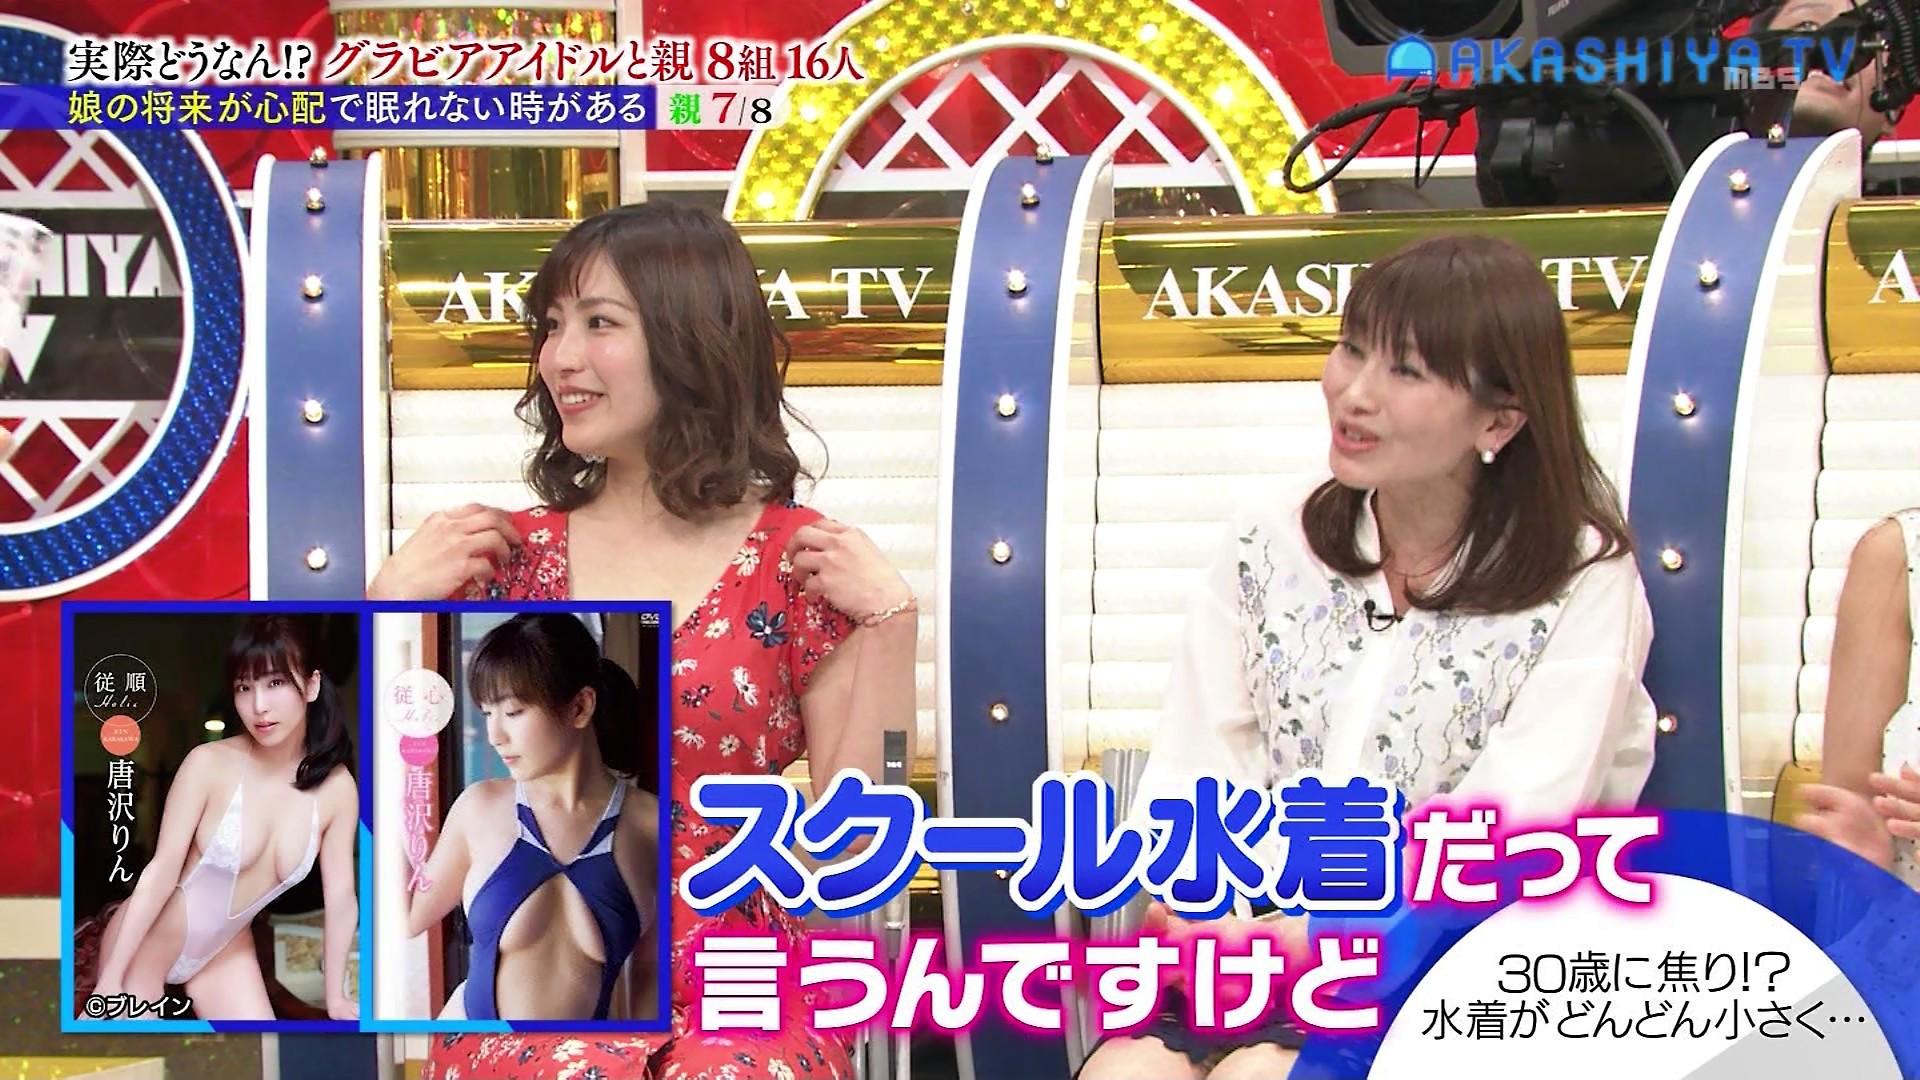 2019年4月22日明石家電視台のテレビキャプチャー画像-060